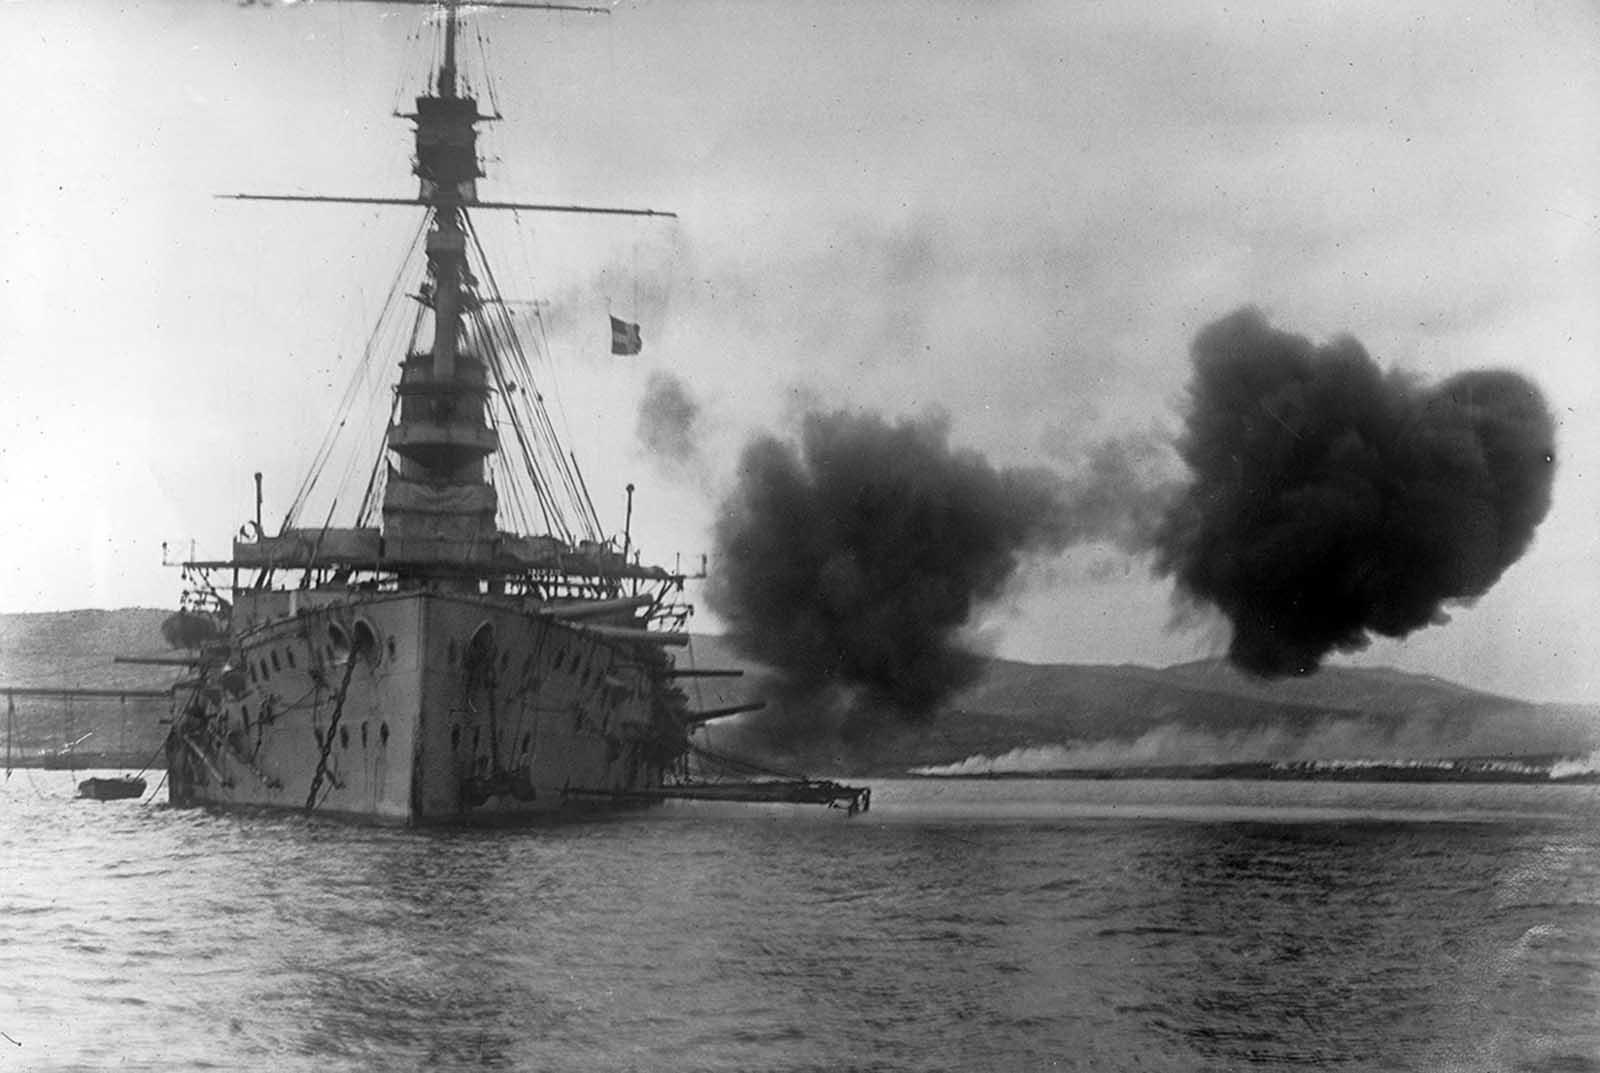 Evacuación de la bahía de Suvla, Dardanelos, Península de Gallipoli, en enero de 1916. La campaña de Gallipoli fue parte de un esfuerzo aliado para capturar la capital otomana de Constantinopla (la actual Estambul). Después de ocho sangrientos meses en la península, las tropas aliadas se retiraron derrotadas, bajo la protección del fuego del mar.